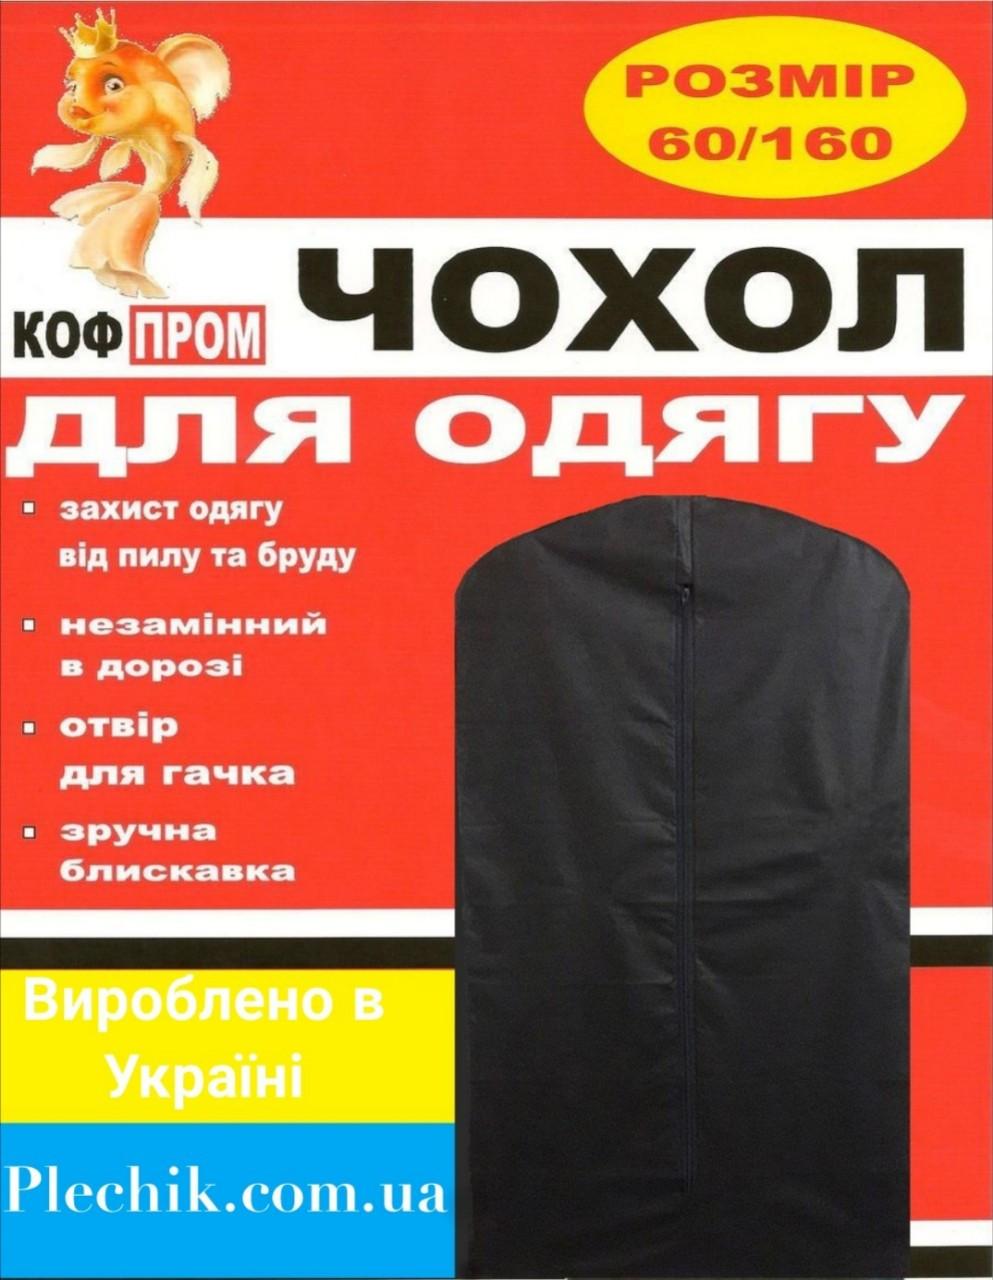 Чехол для хранения одежды флизелиновый на молнии бежевого цвета, размер 60*160 см